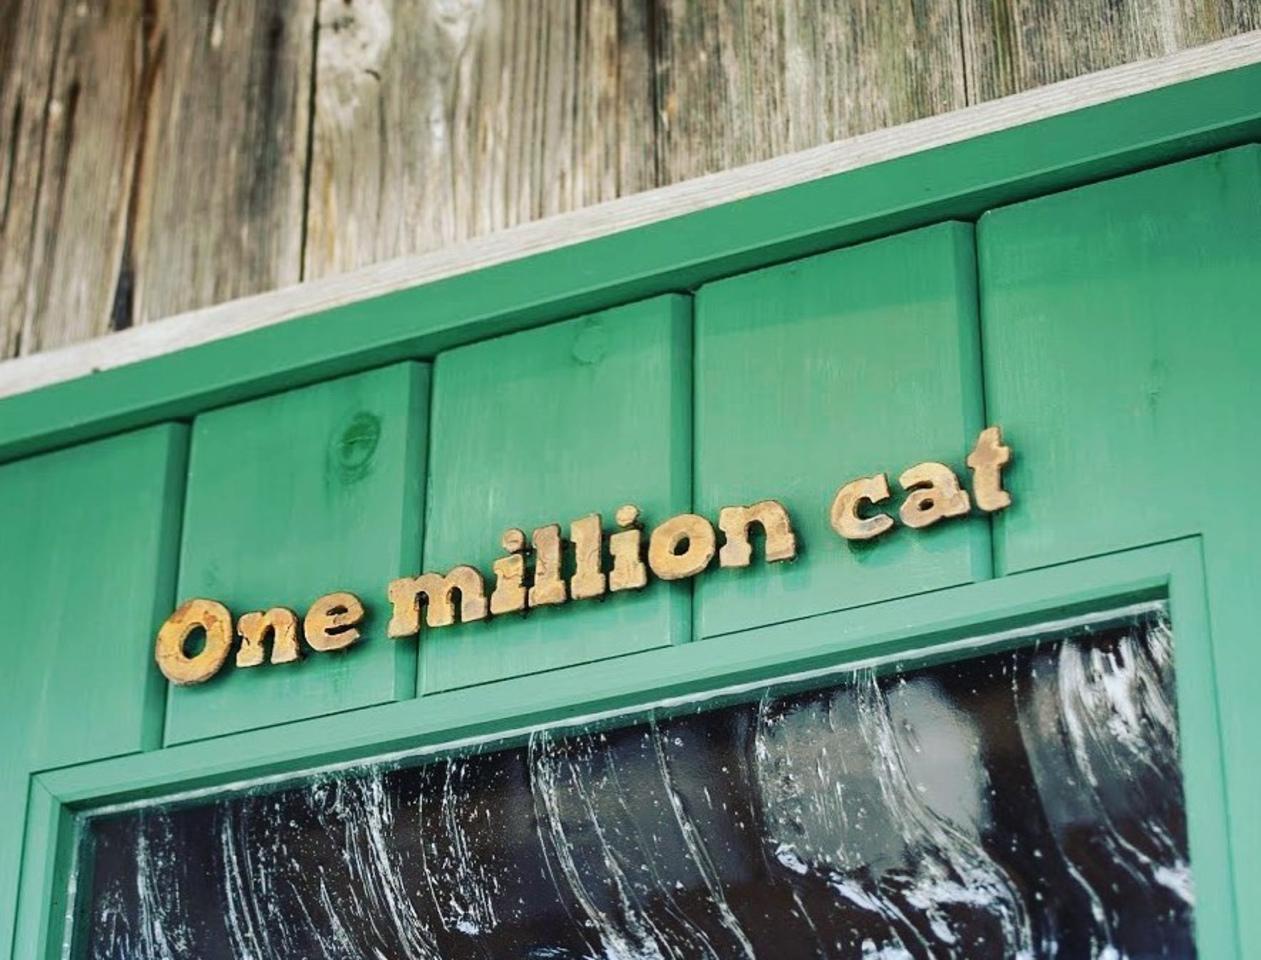 【 One million cat 】帽子のセミオーダー屋(滋賀県近江八幡市)9/3オープン